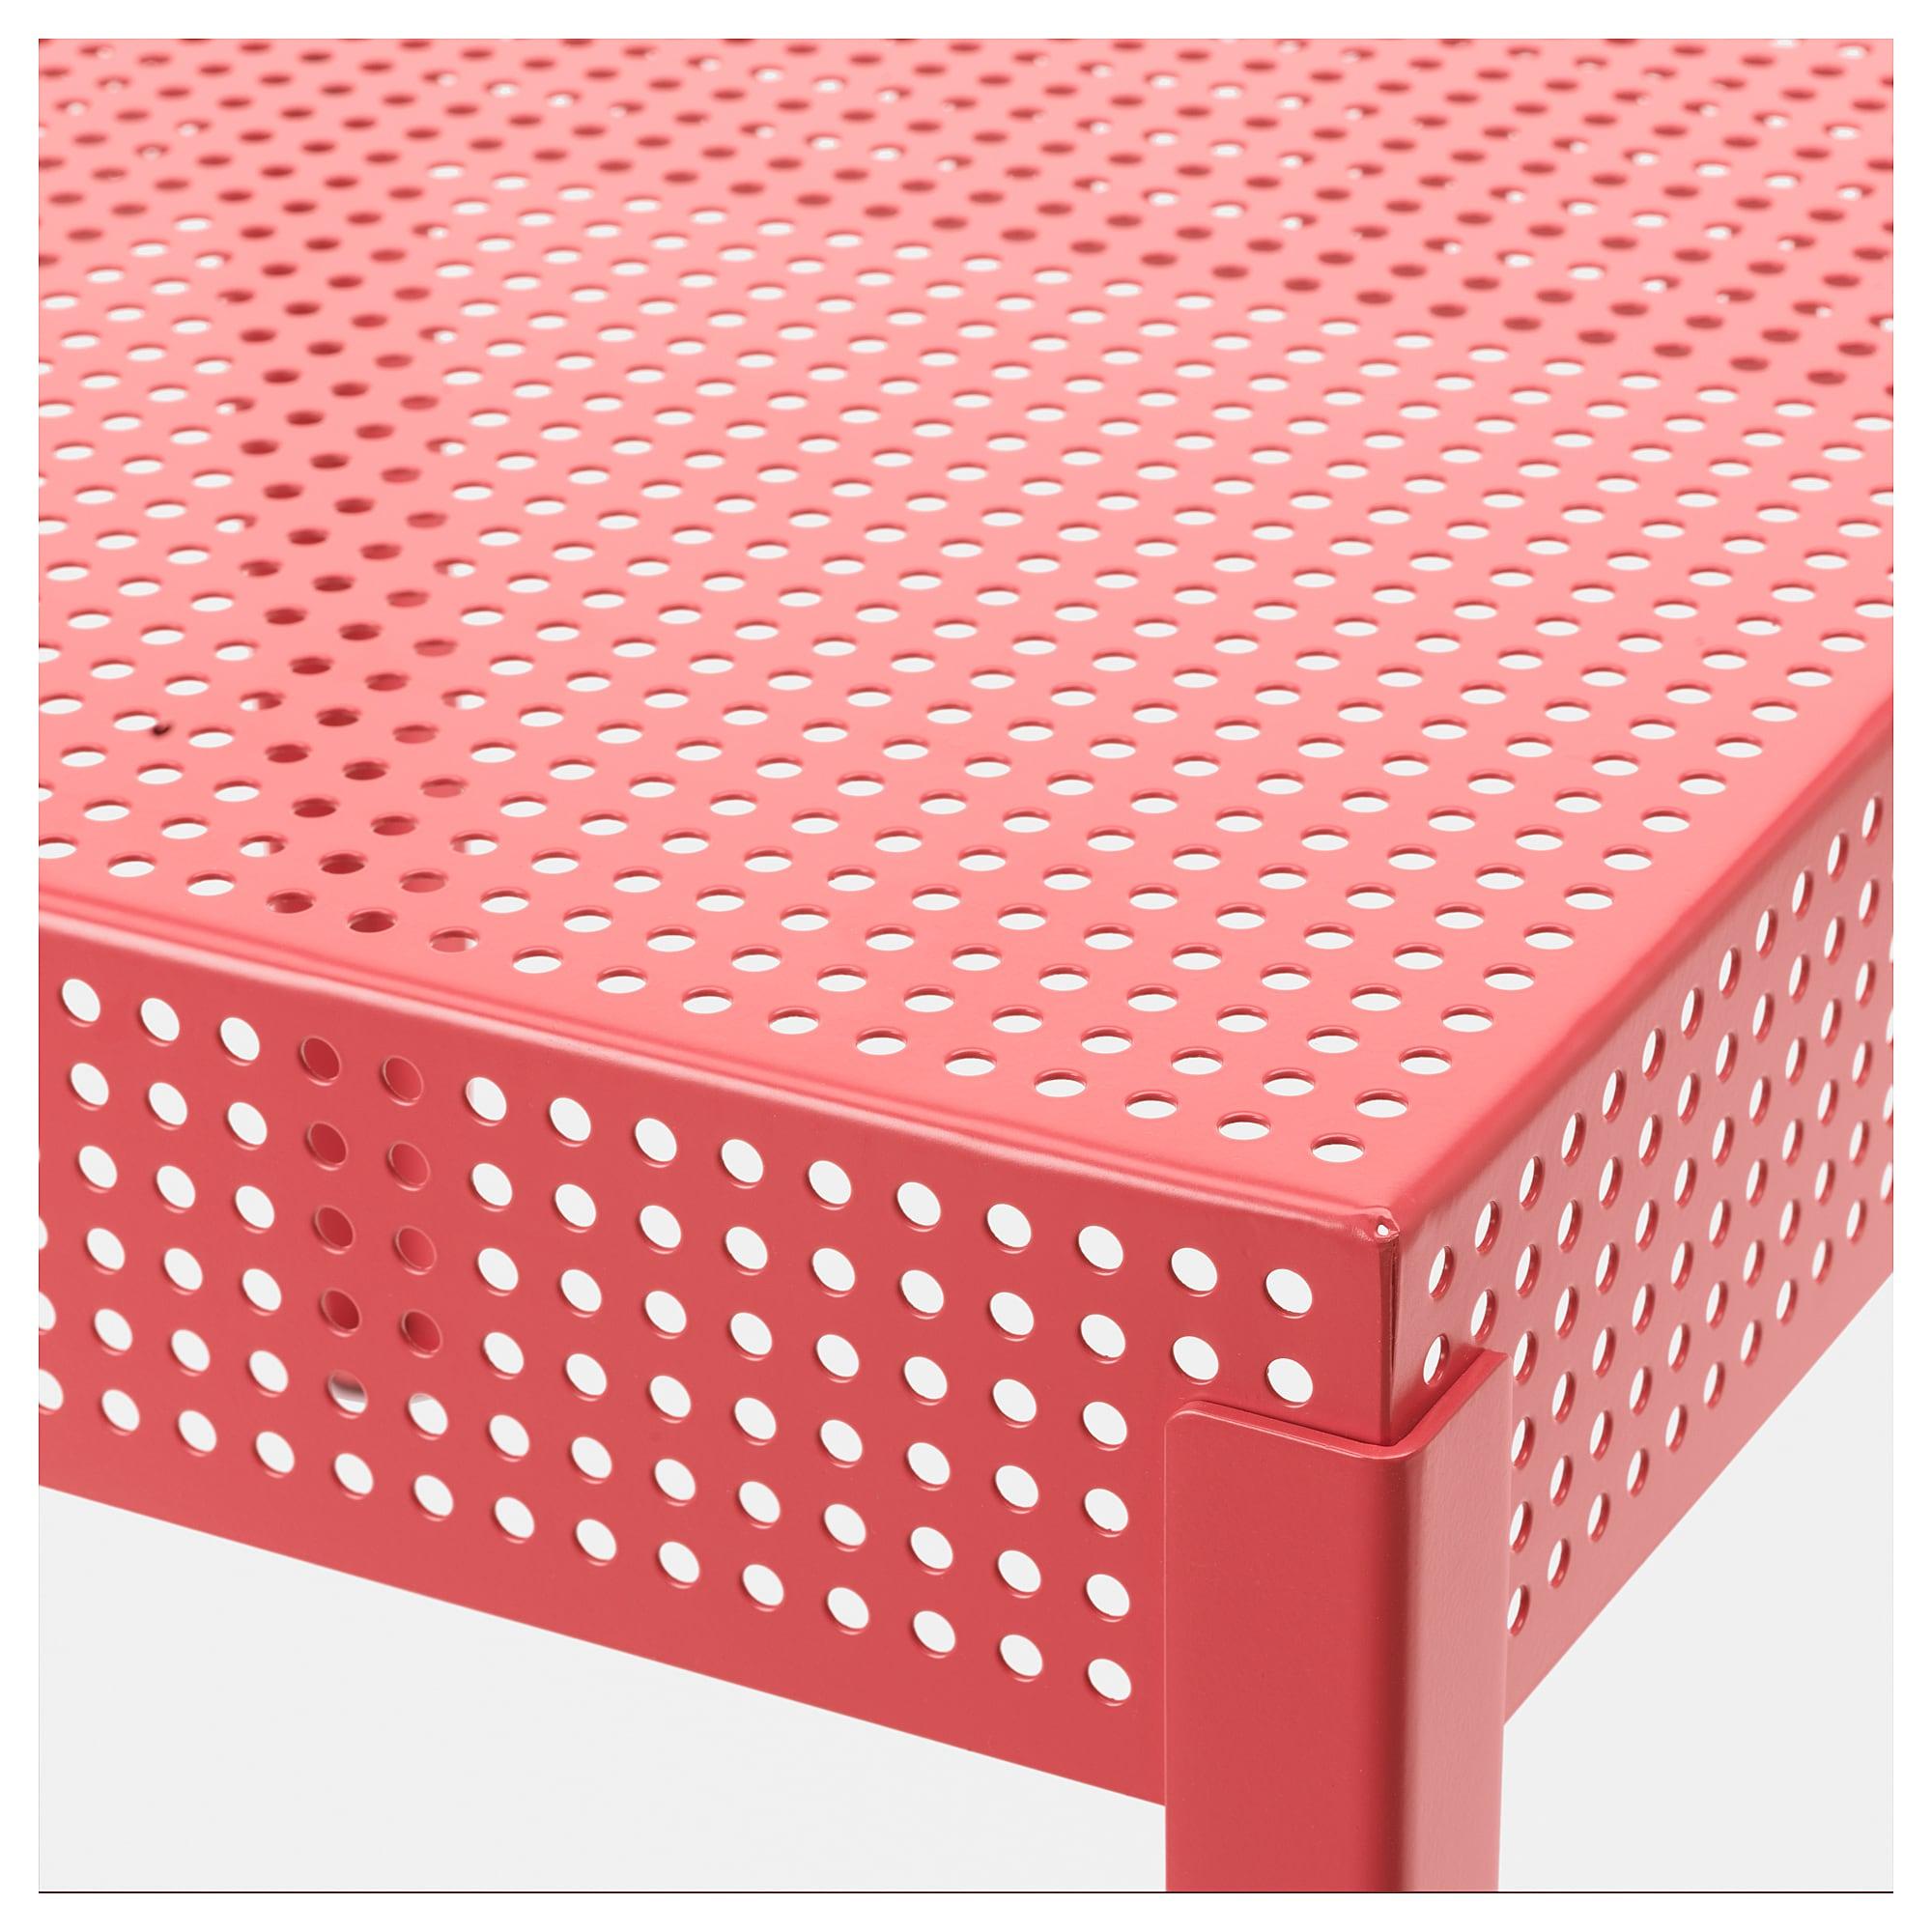 Стол, для дома/улицы СЬЕЛЬВСТЭНДИГ розовый артикуль № 104.149.38 в наличии. Интернет магазин IKEA Минск. Недорогая доставка и монтаж.